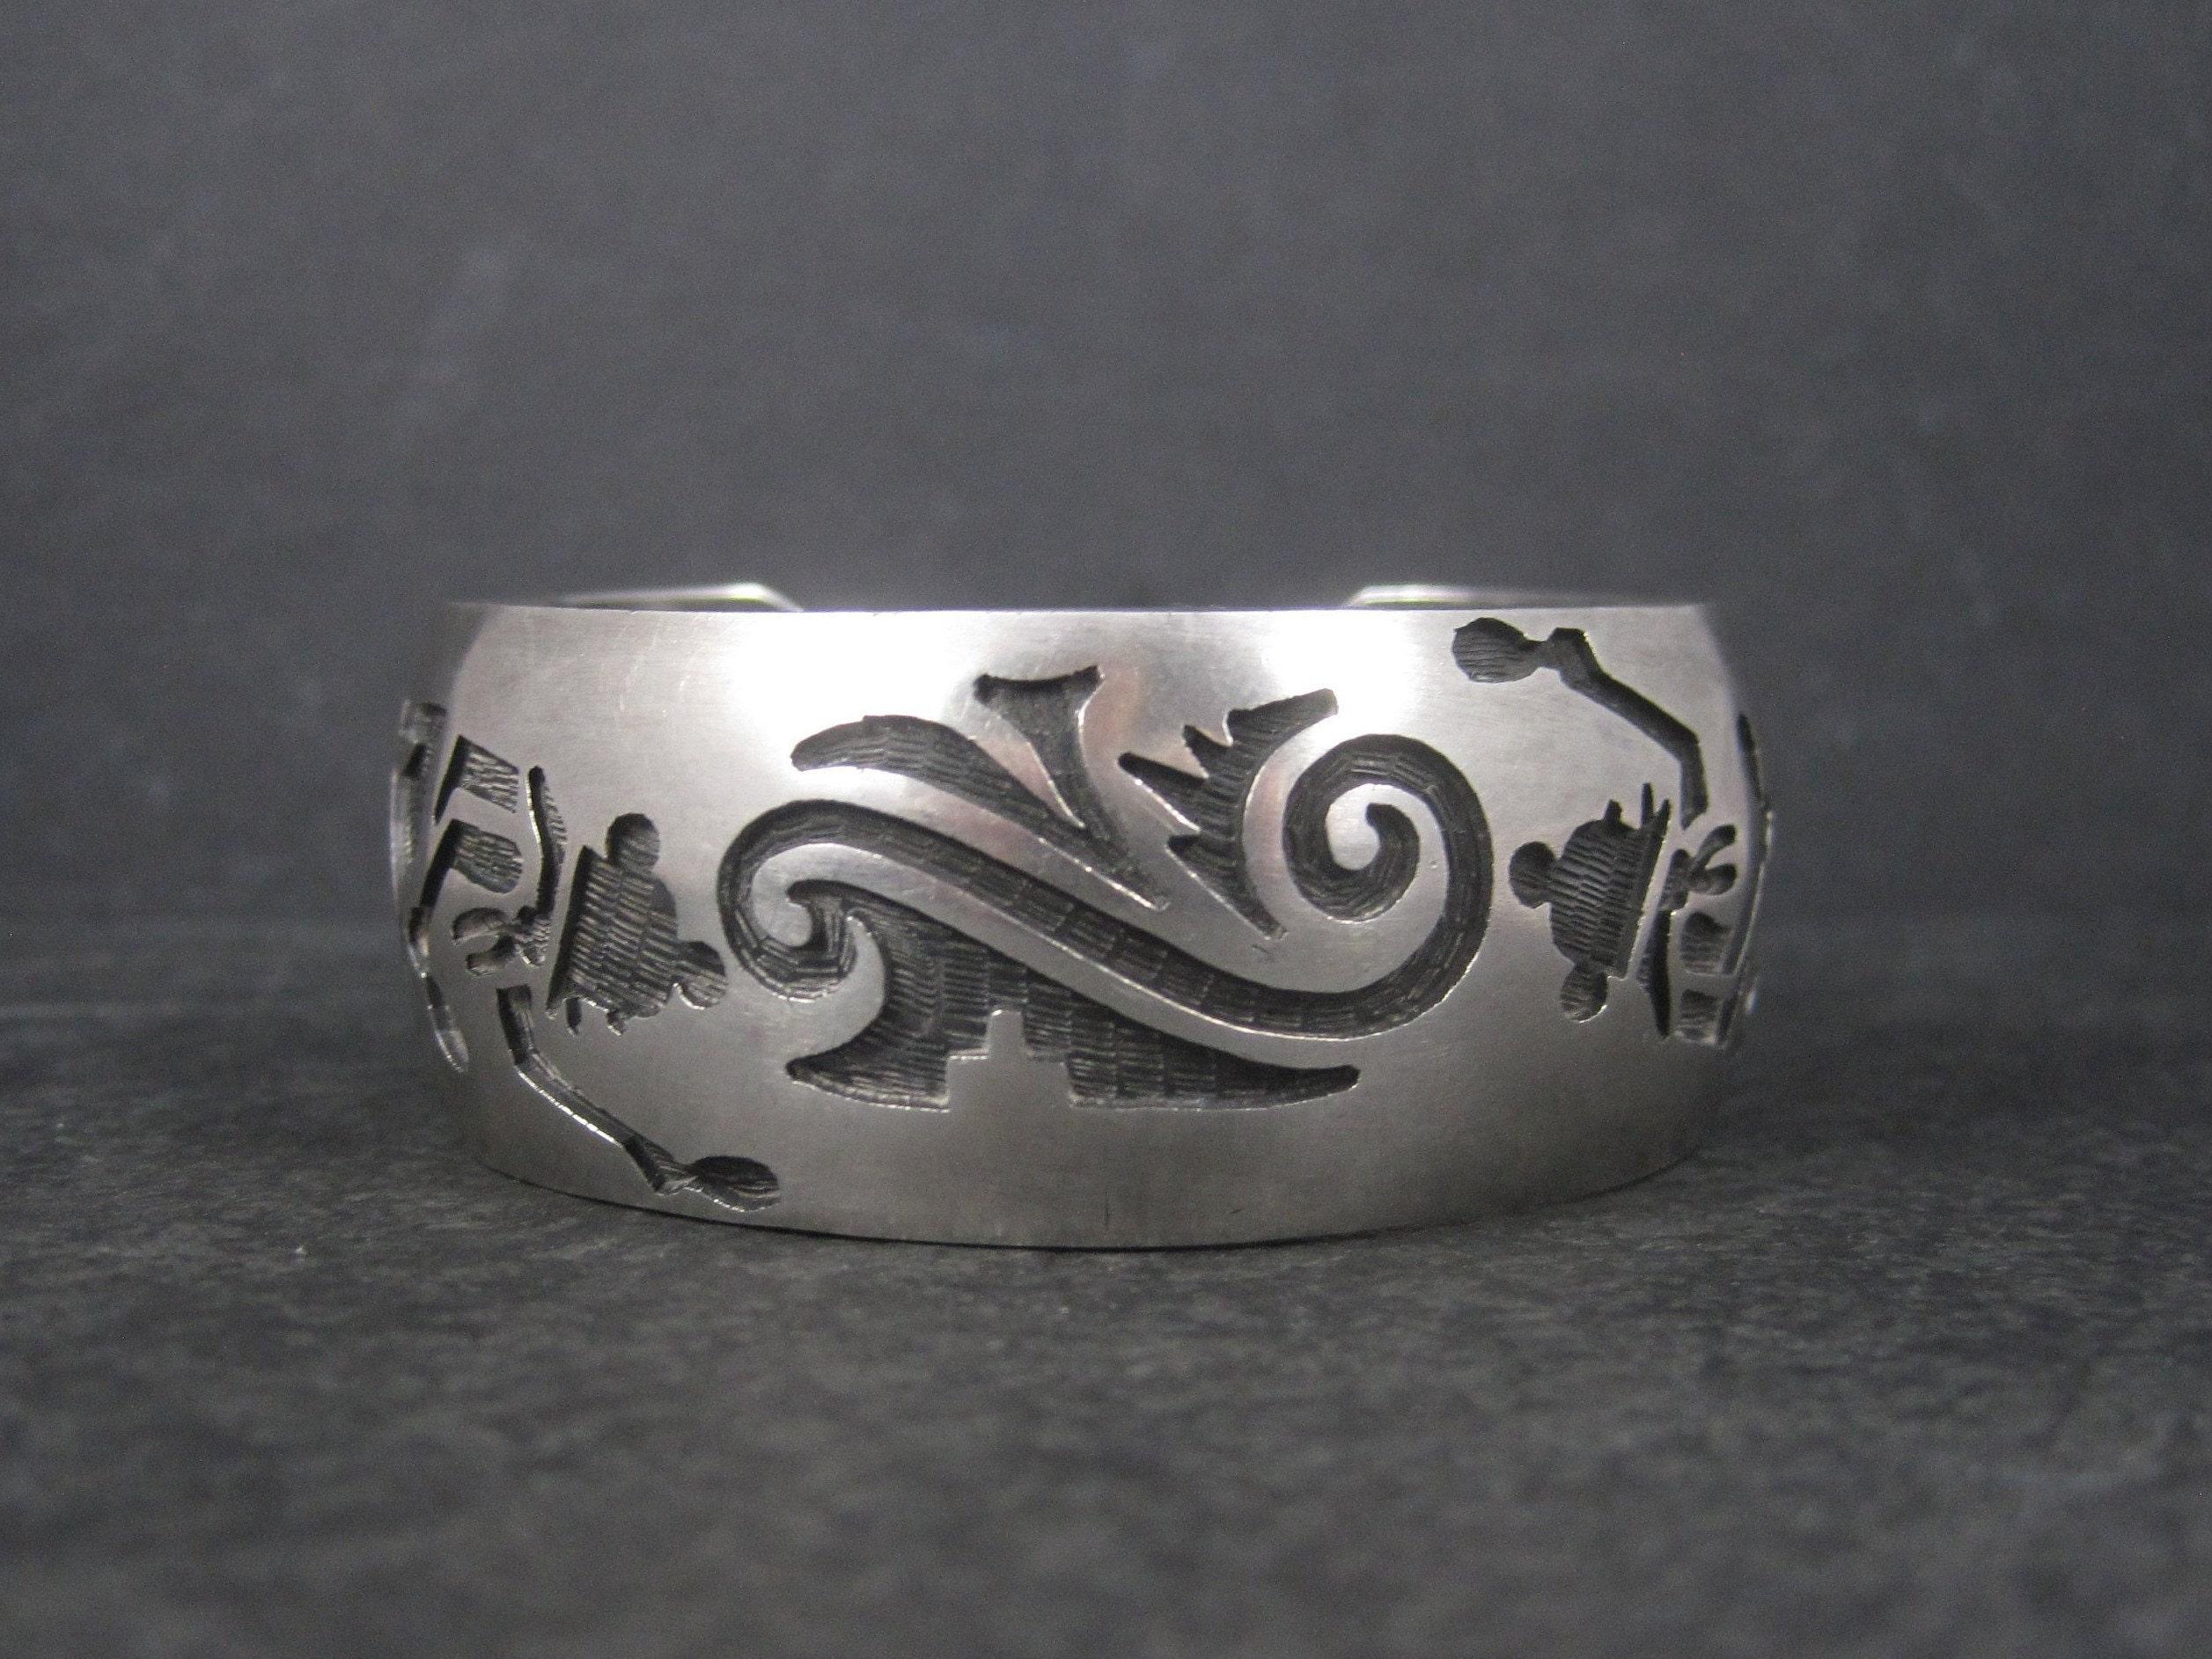 Vintage Hopi Cuff Bracelet - Bejeweled Emporium